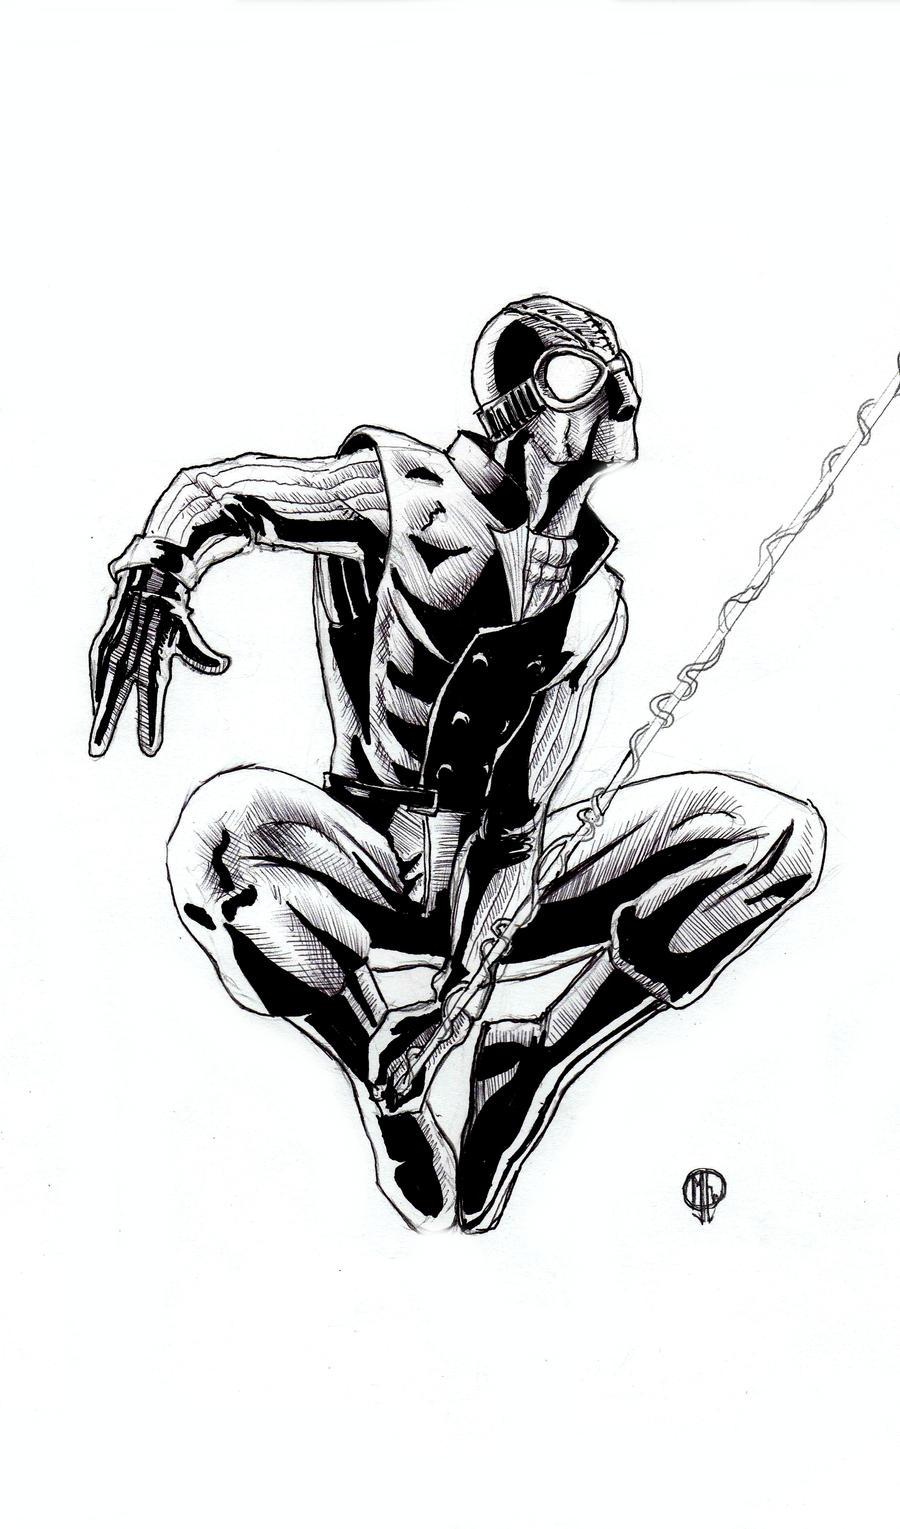 spider man noir sketch by muhammedfeyyaz on deviantart